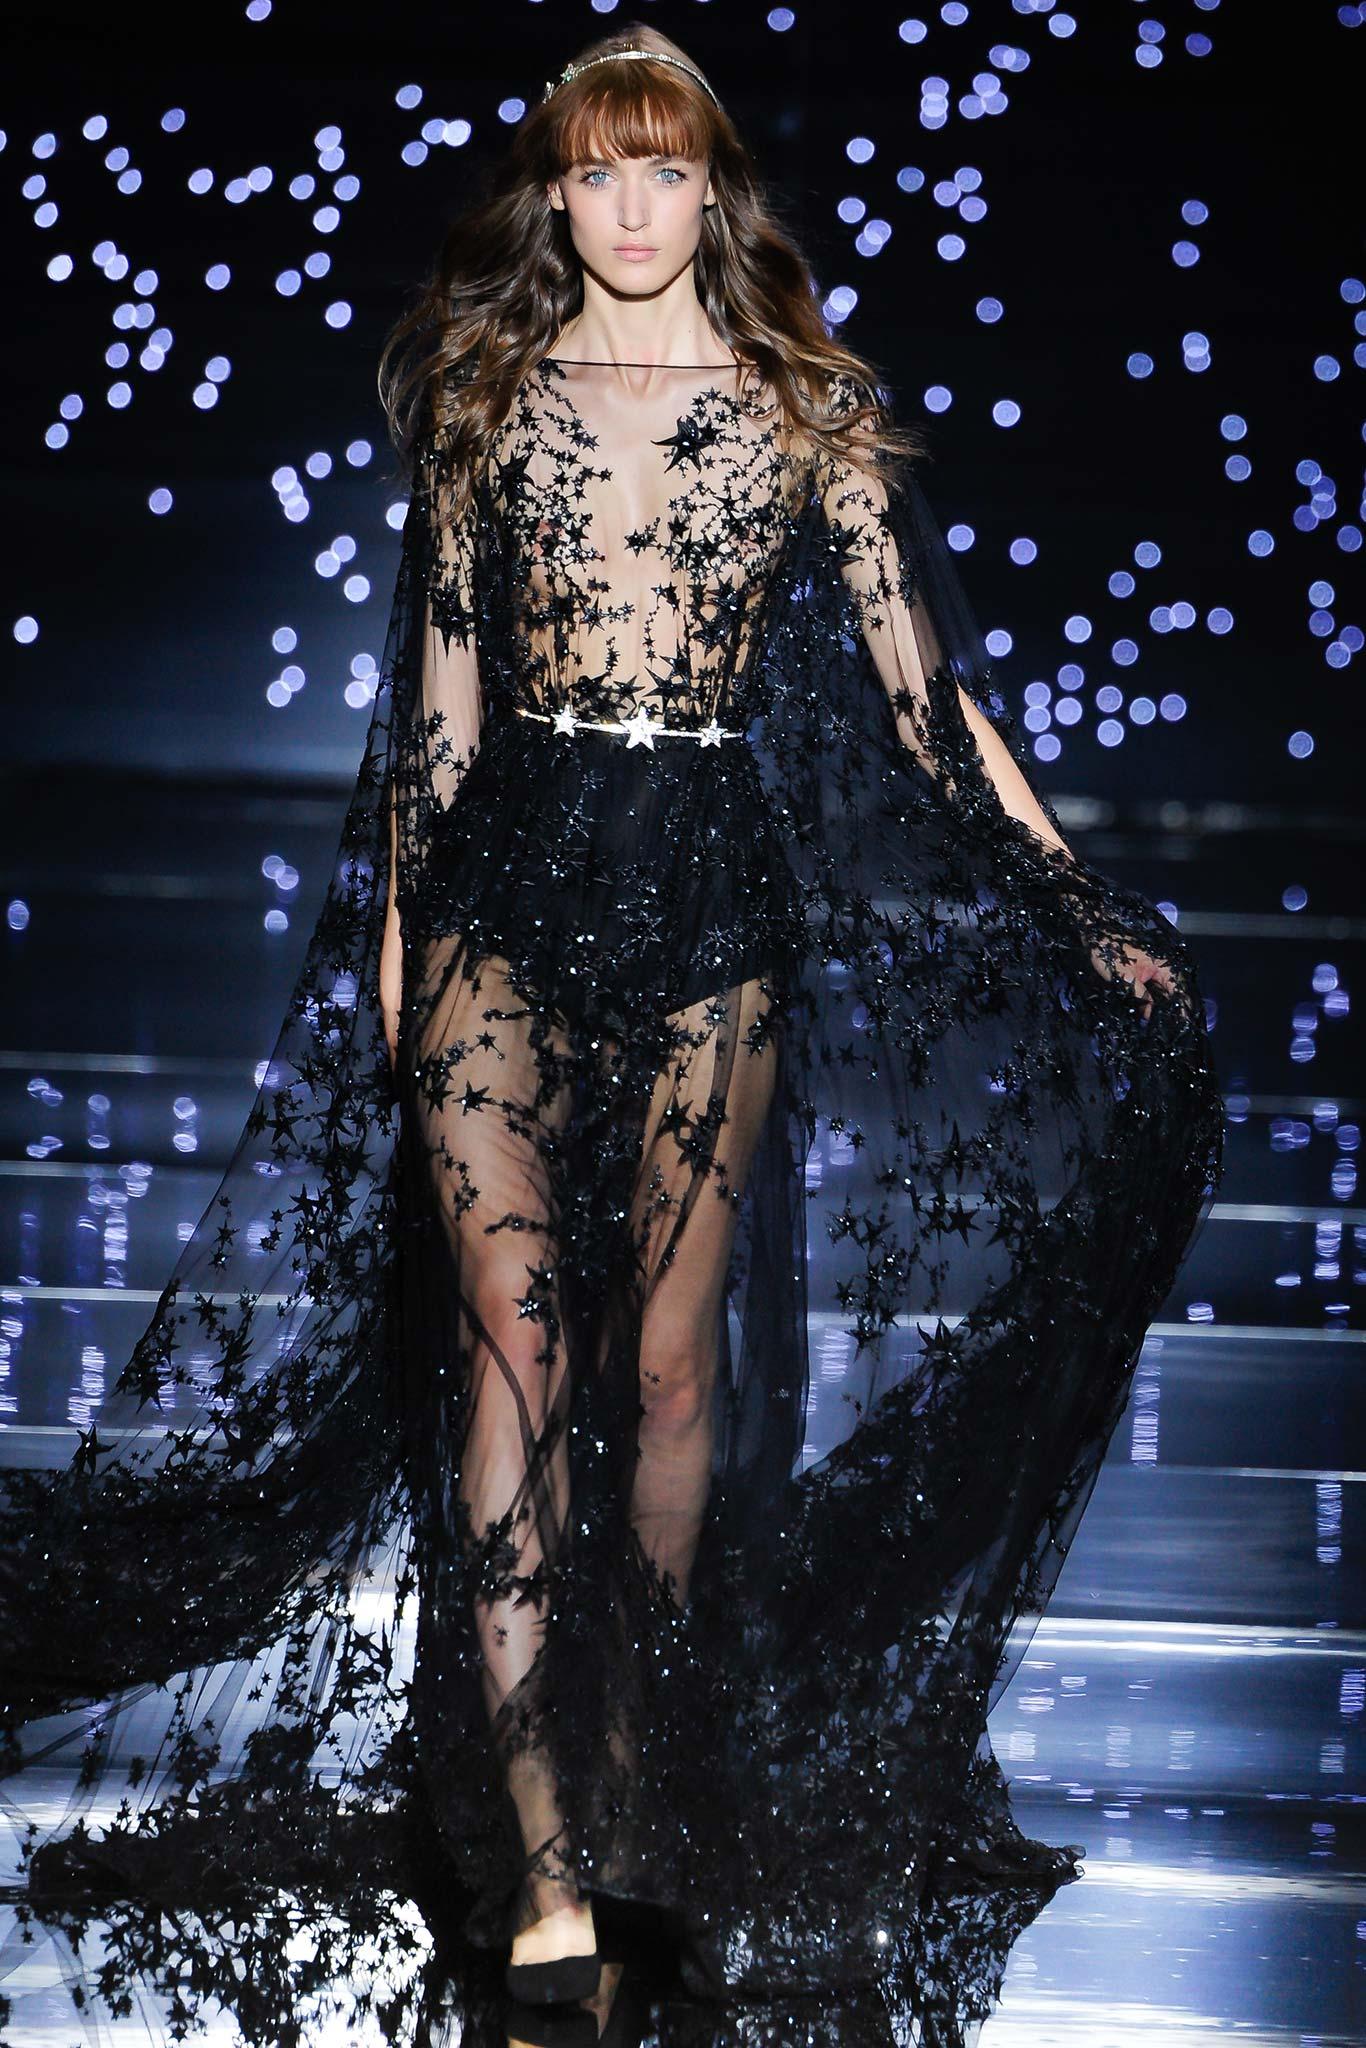 Zuhair Murad Haute Couture FW 2015 Parigi